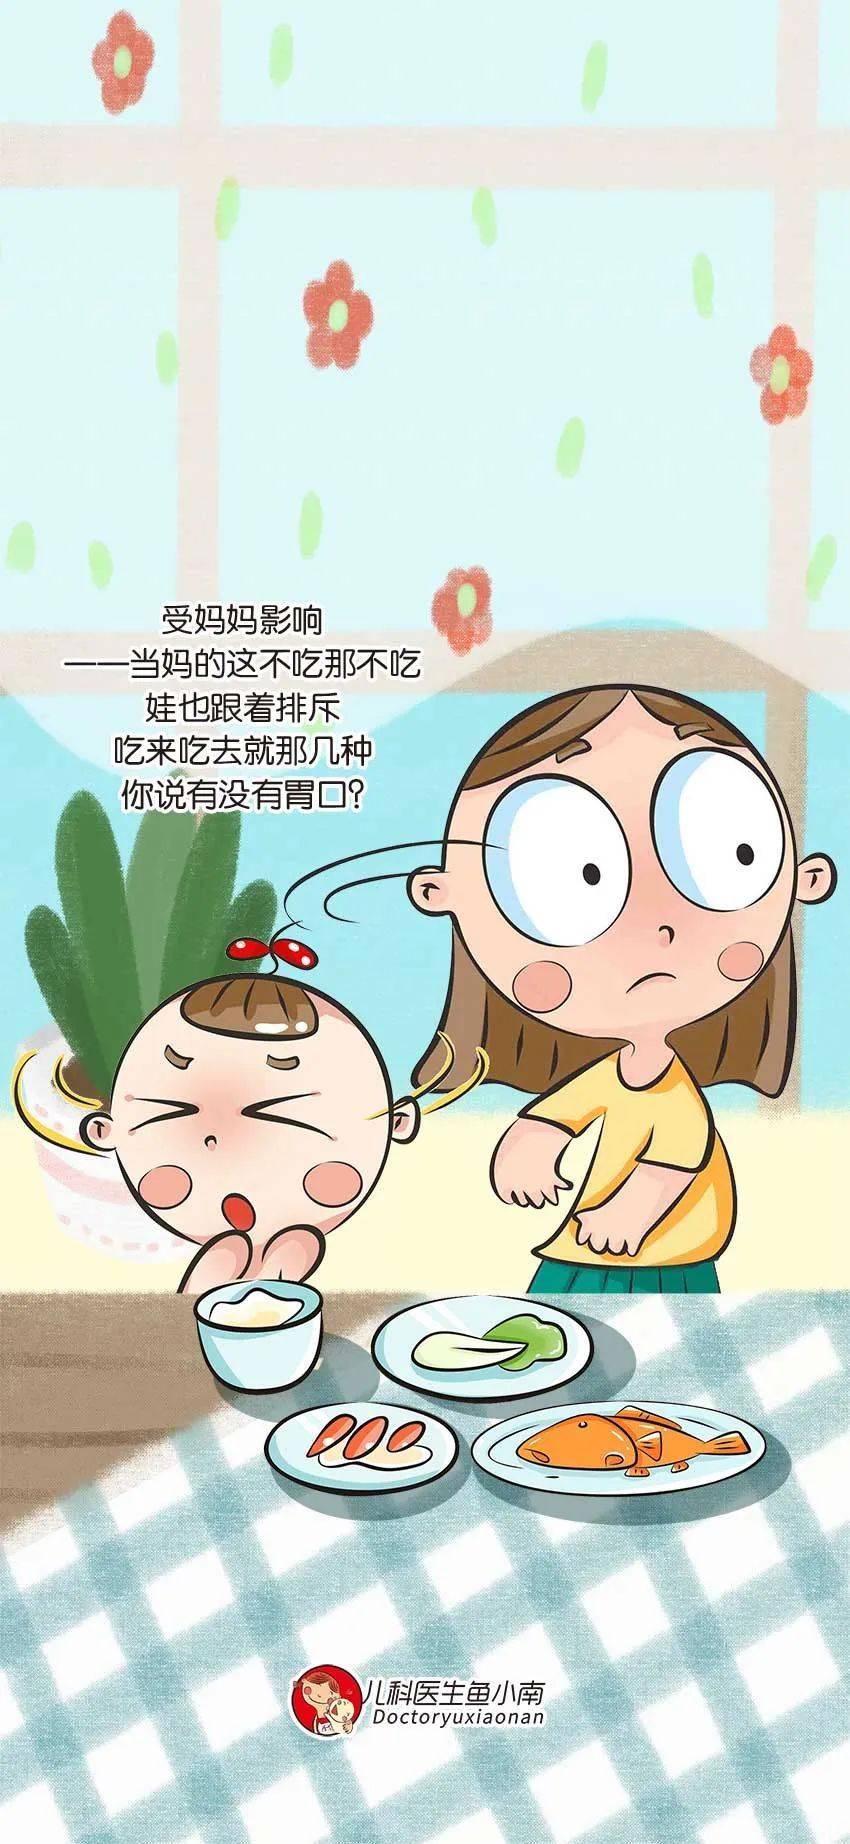 家有挑食偏食的娃 只能头疼并崩溃?跟着医生改掉娃的坏习惯-家庭网